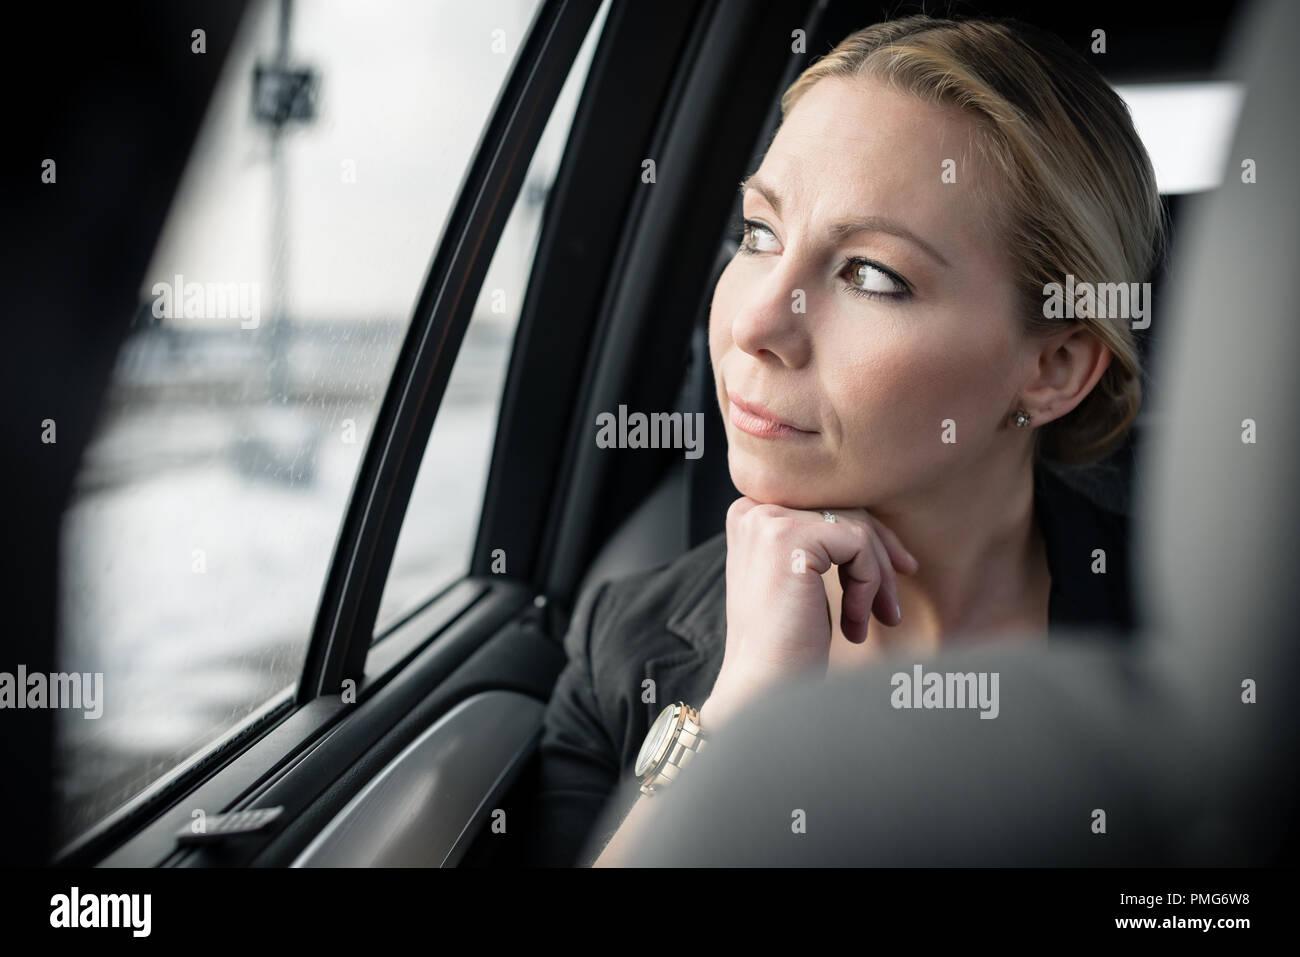 Nachdenklich Geschäftsfrau im Auto Stockfoto